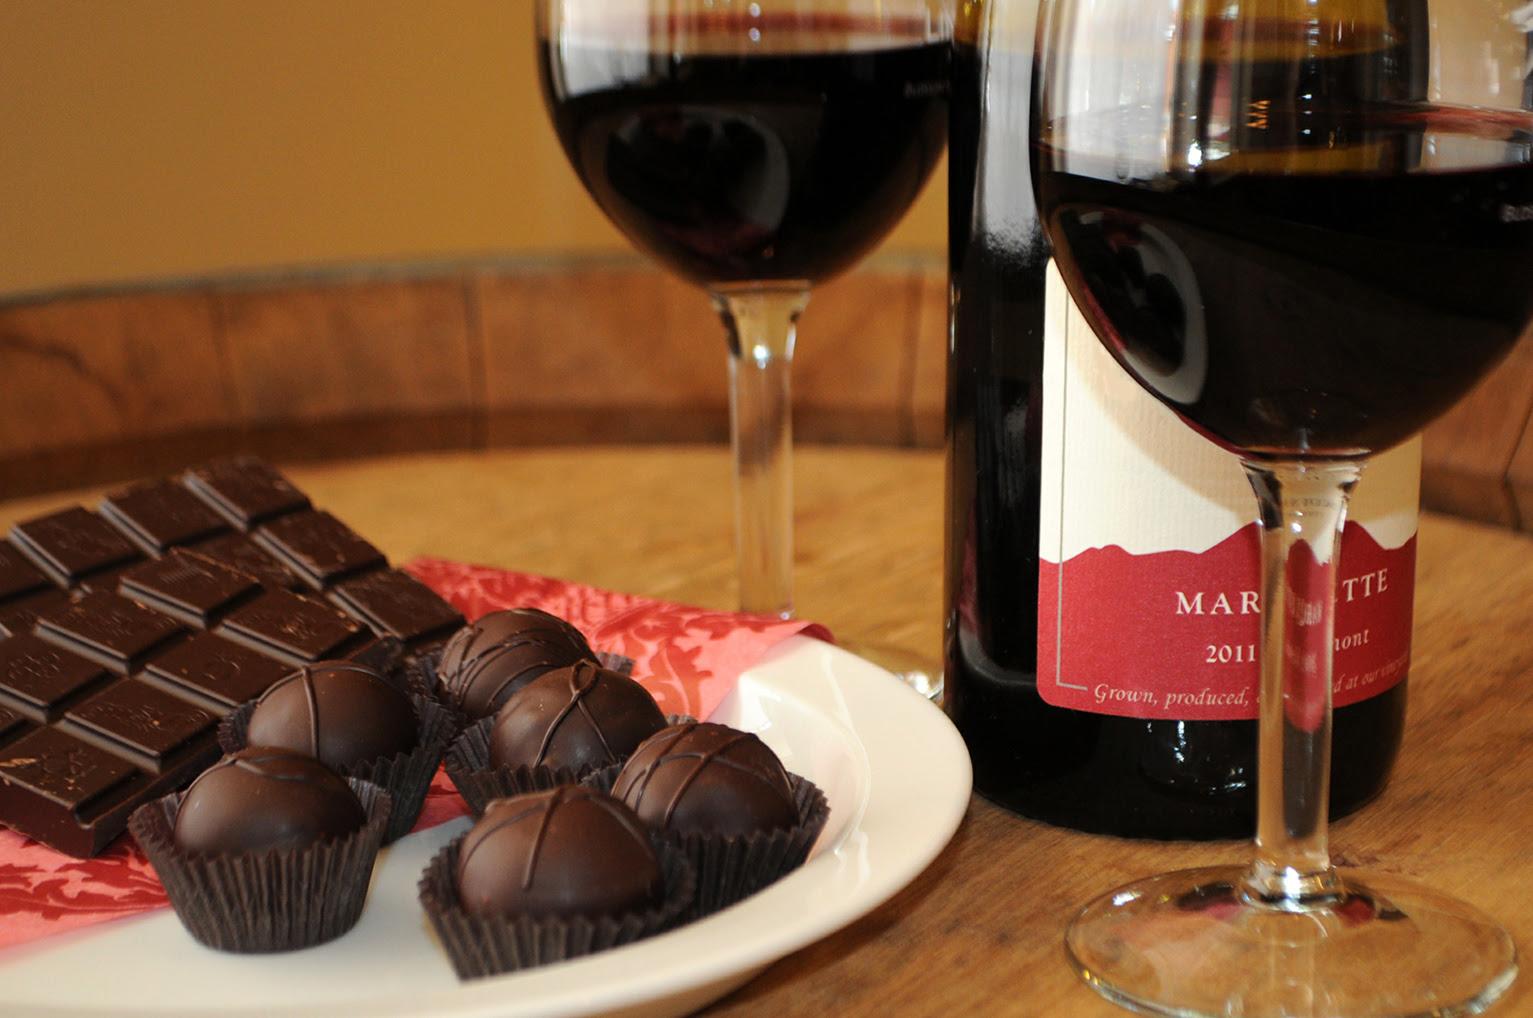 Cómo perder peso a base de vino y chocolate, según un gran especialista